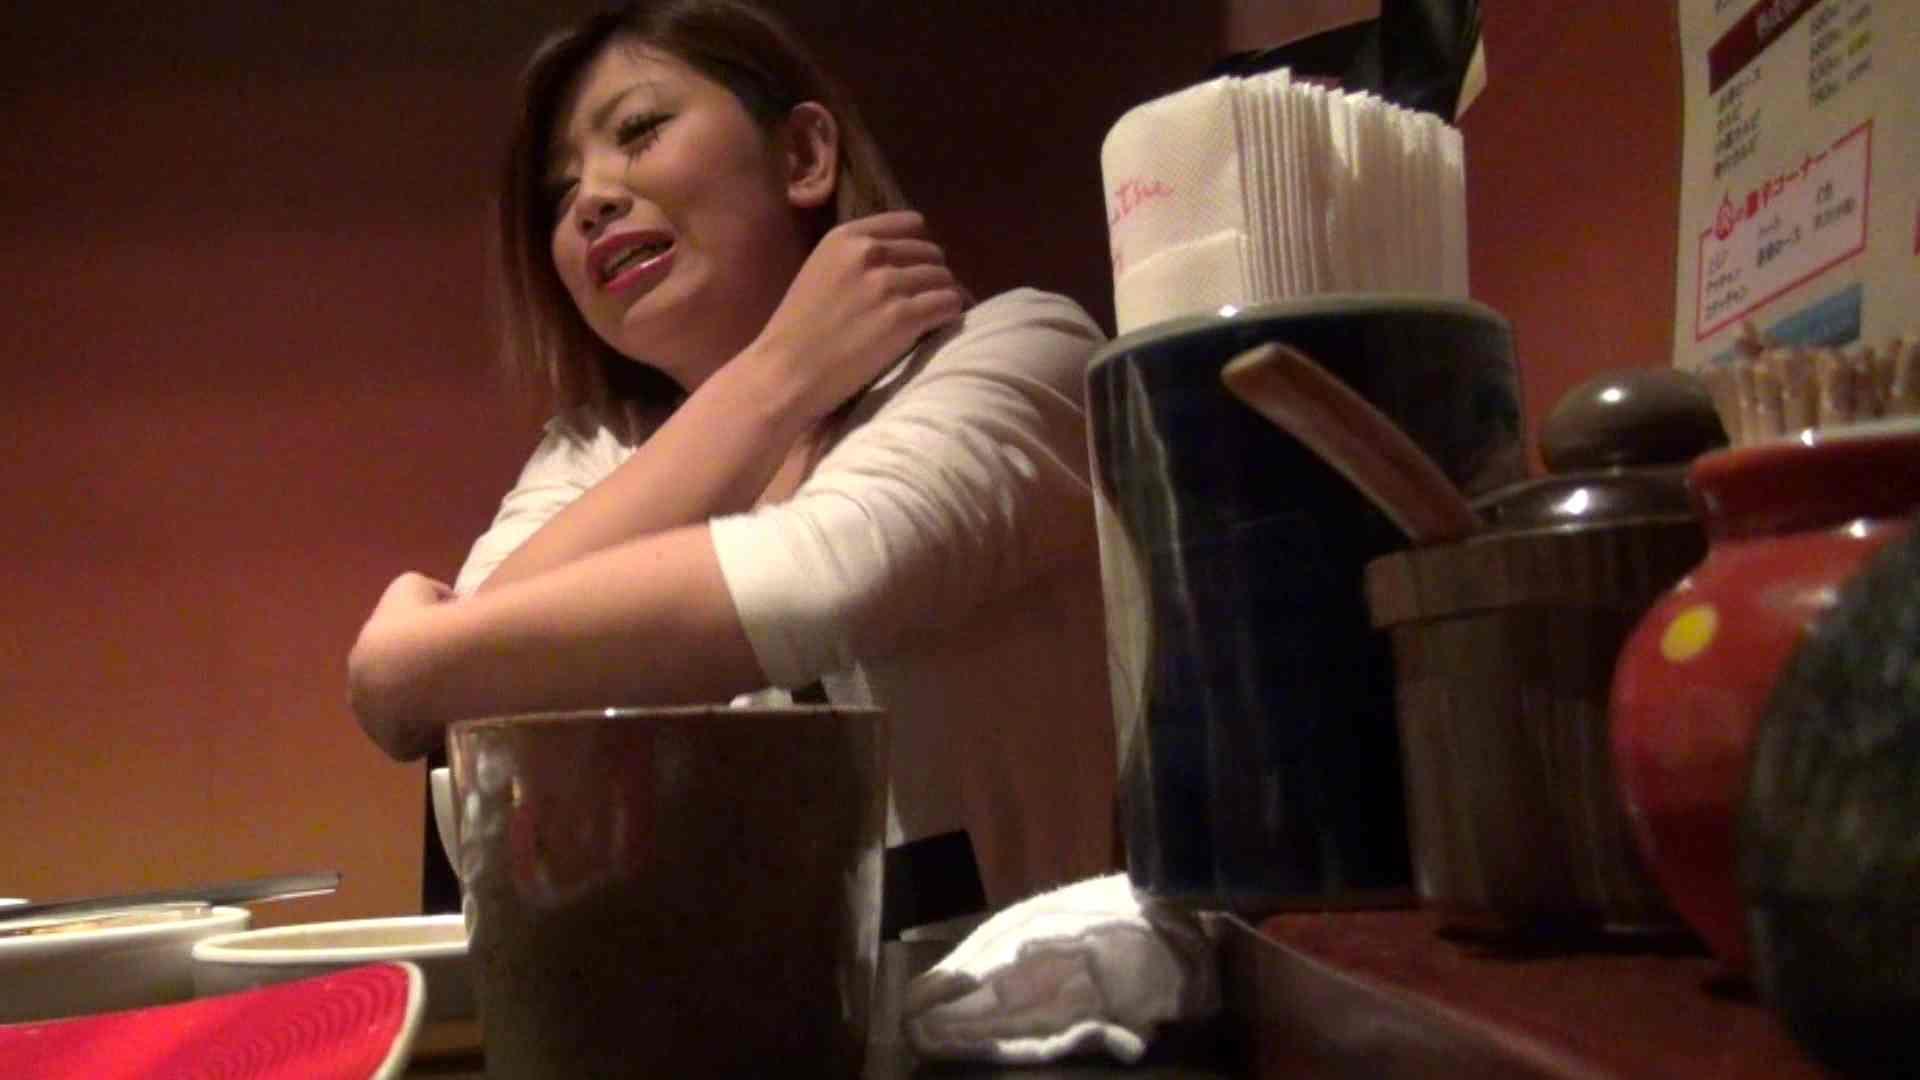 【出会い01】大助さんMちゃんと食事会 悪戯 オメコ動画キャプチャ 53連発 20